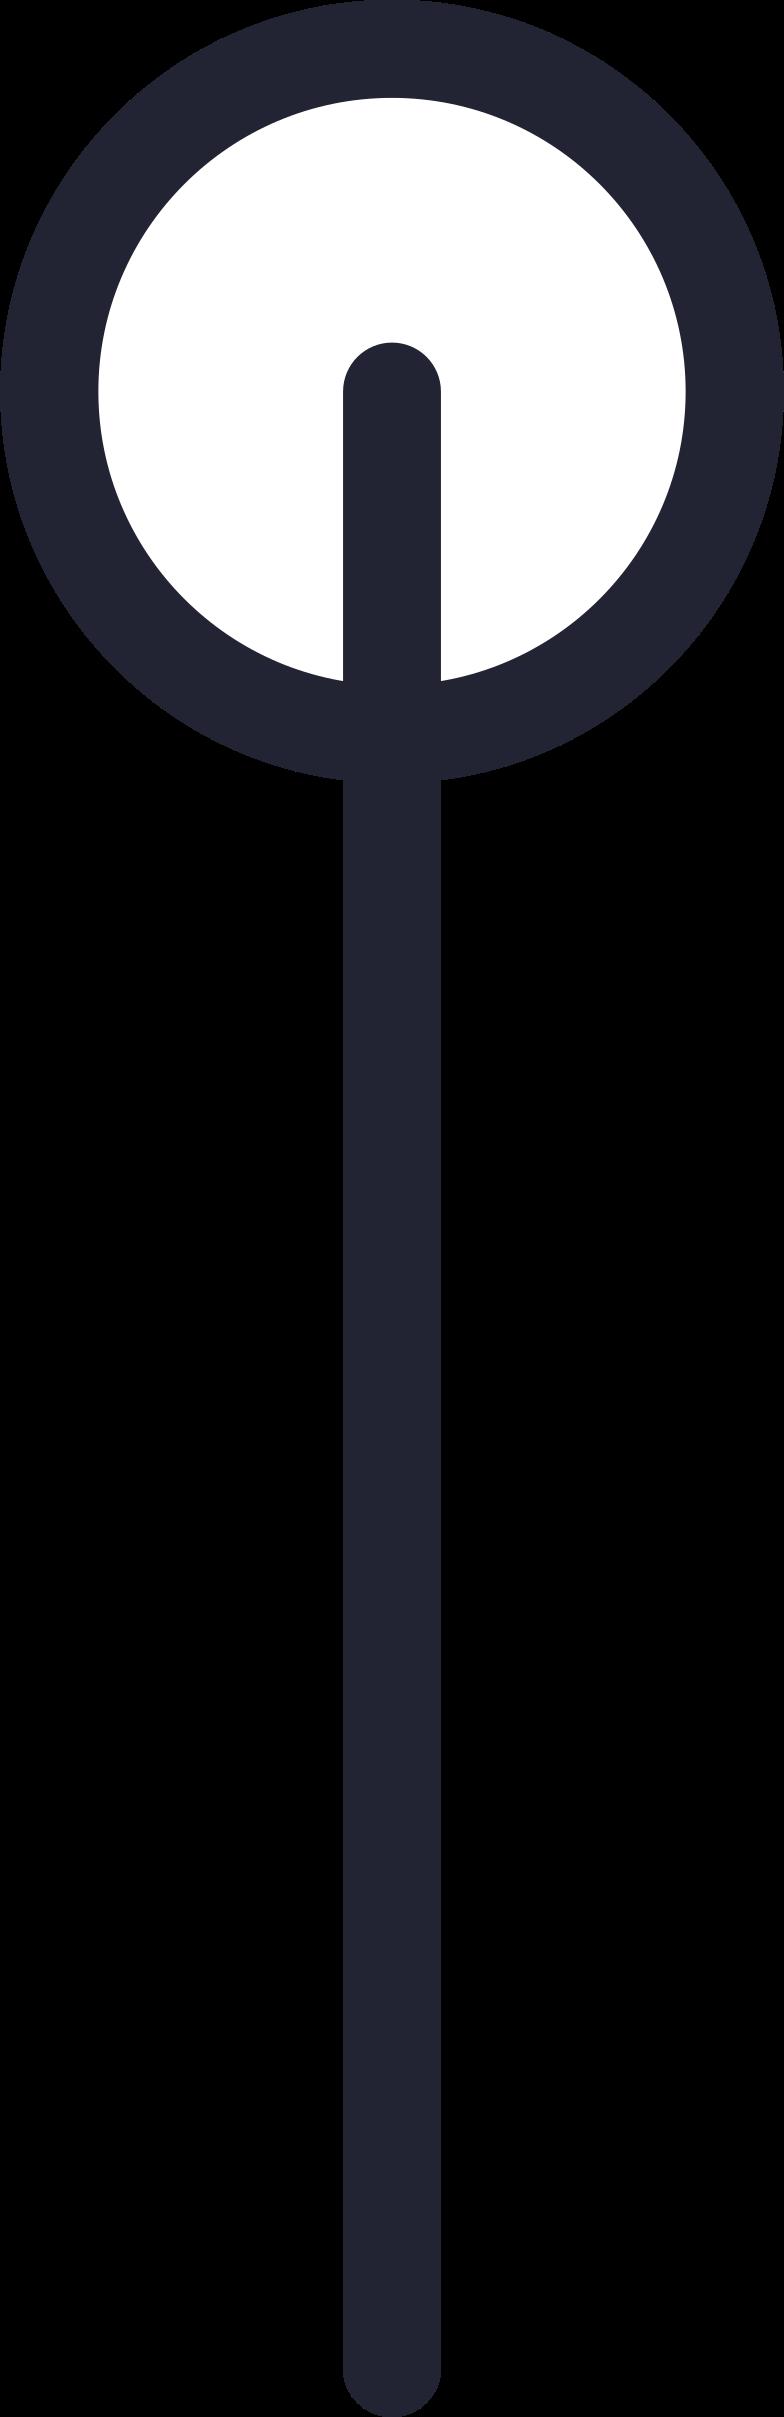 blogging  flower white Clipart illustration in PNG, SVG